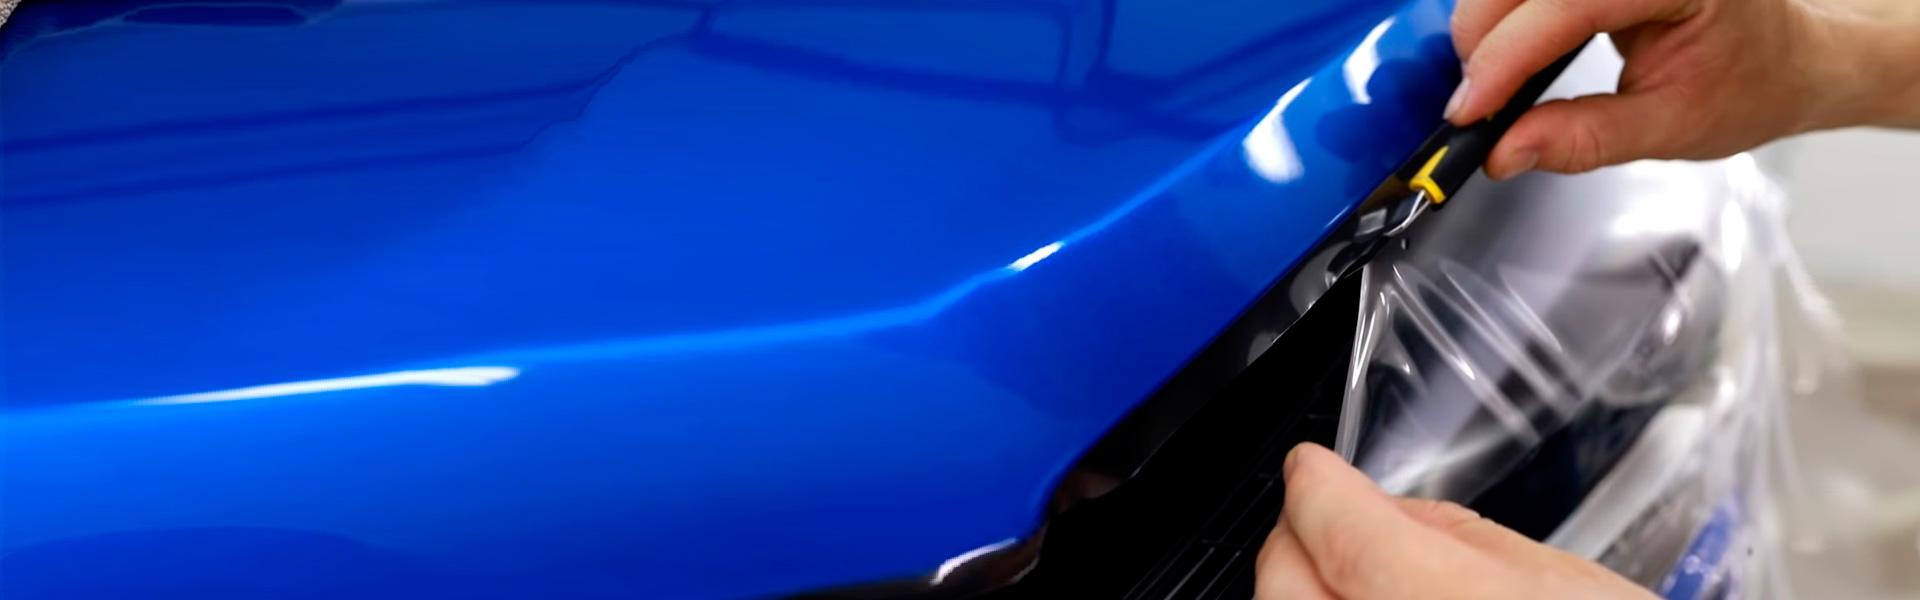 Ні подряпинки: як антигравійна плівка захистить Ваше авто. Або ж нашкодить?